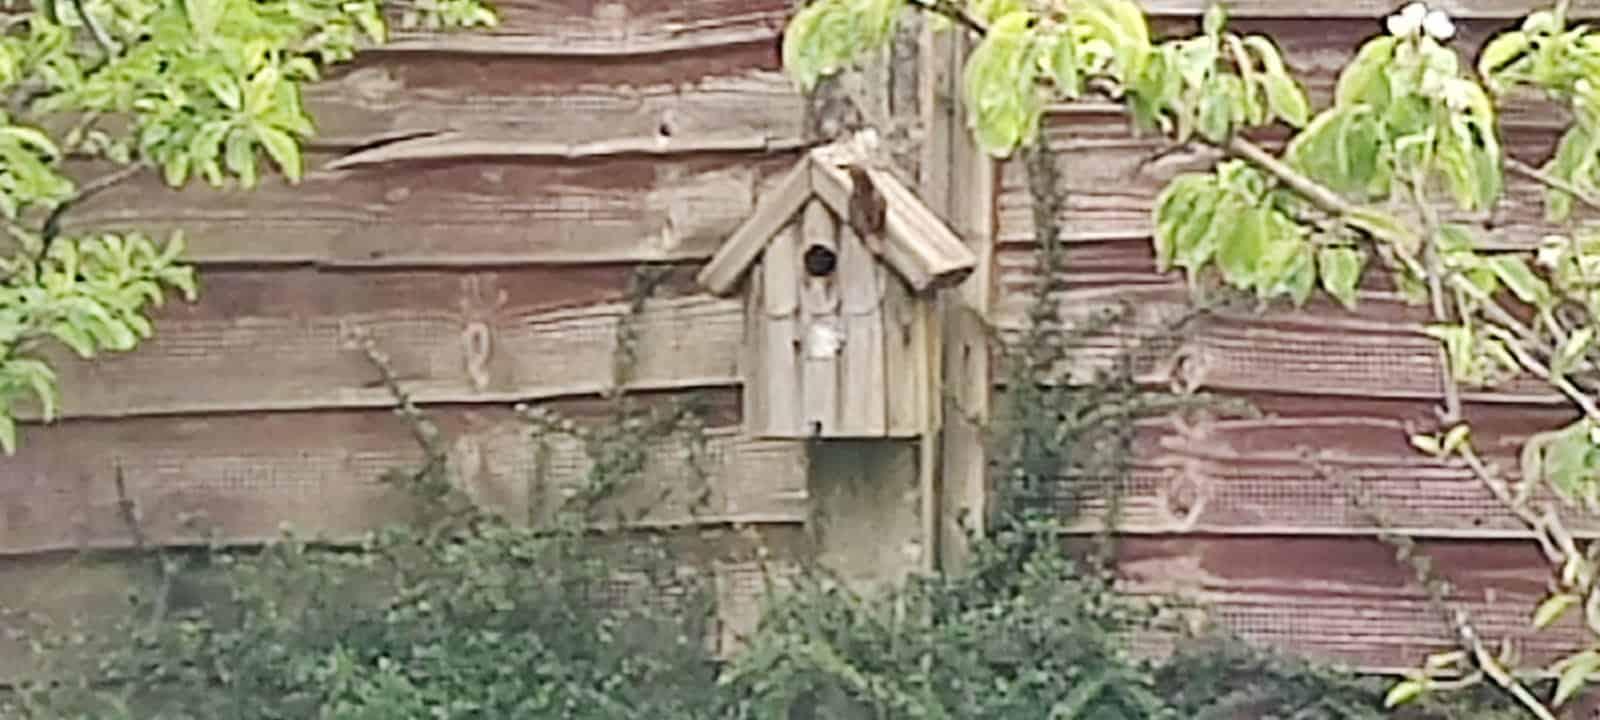 Unknown bird nesting